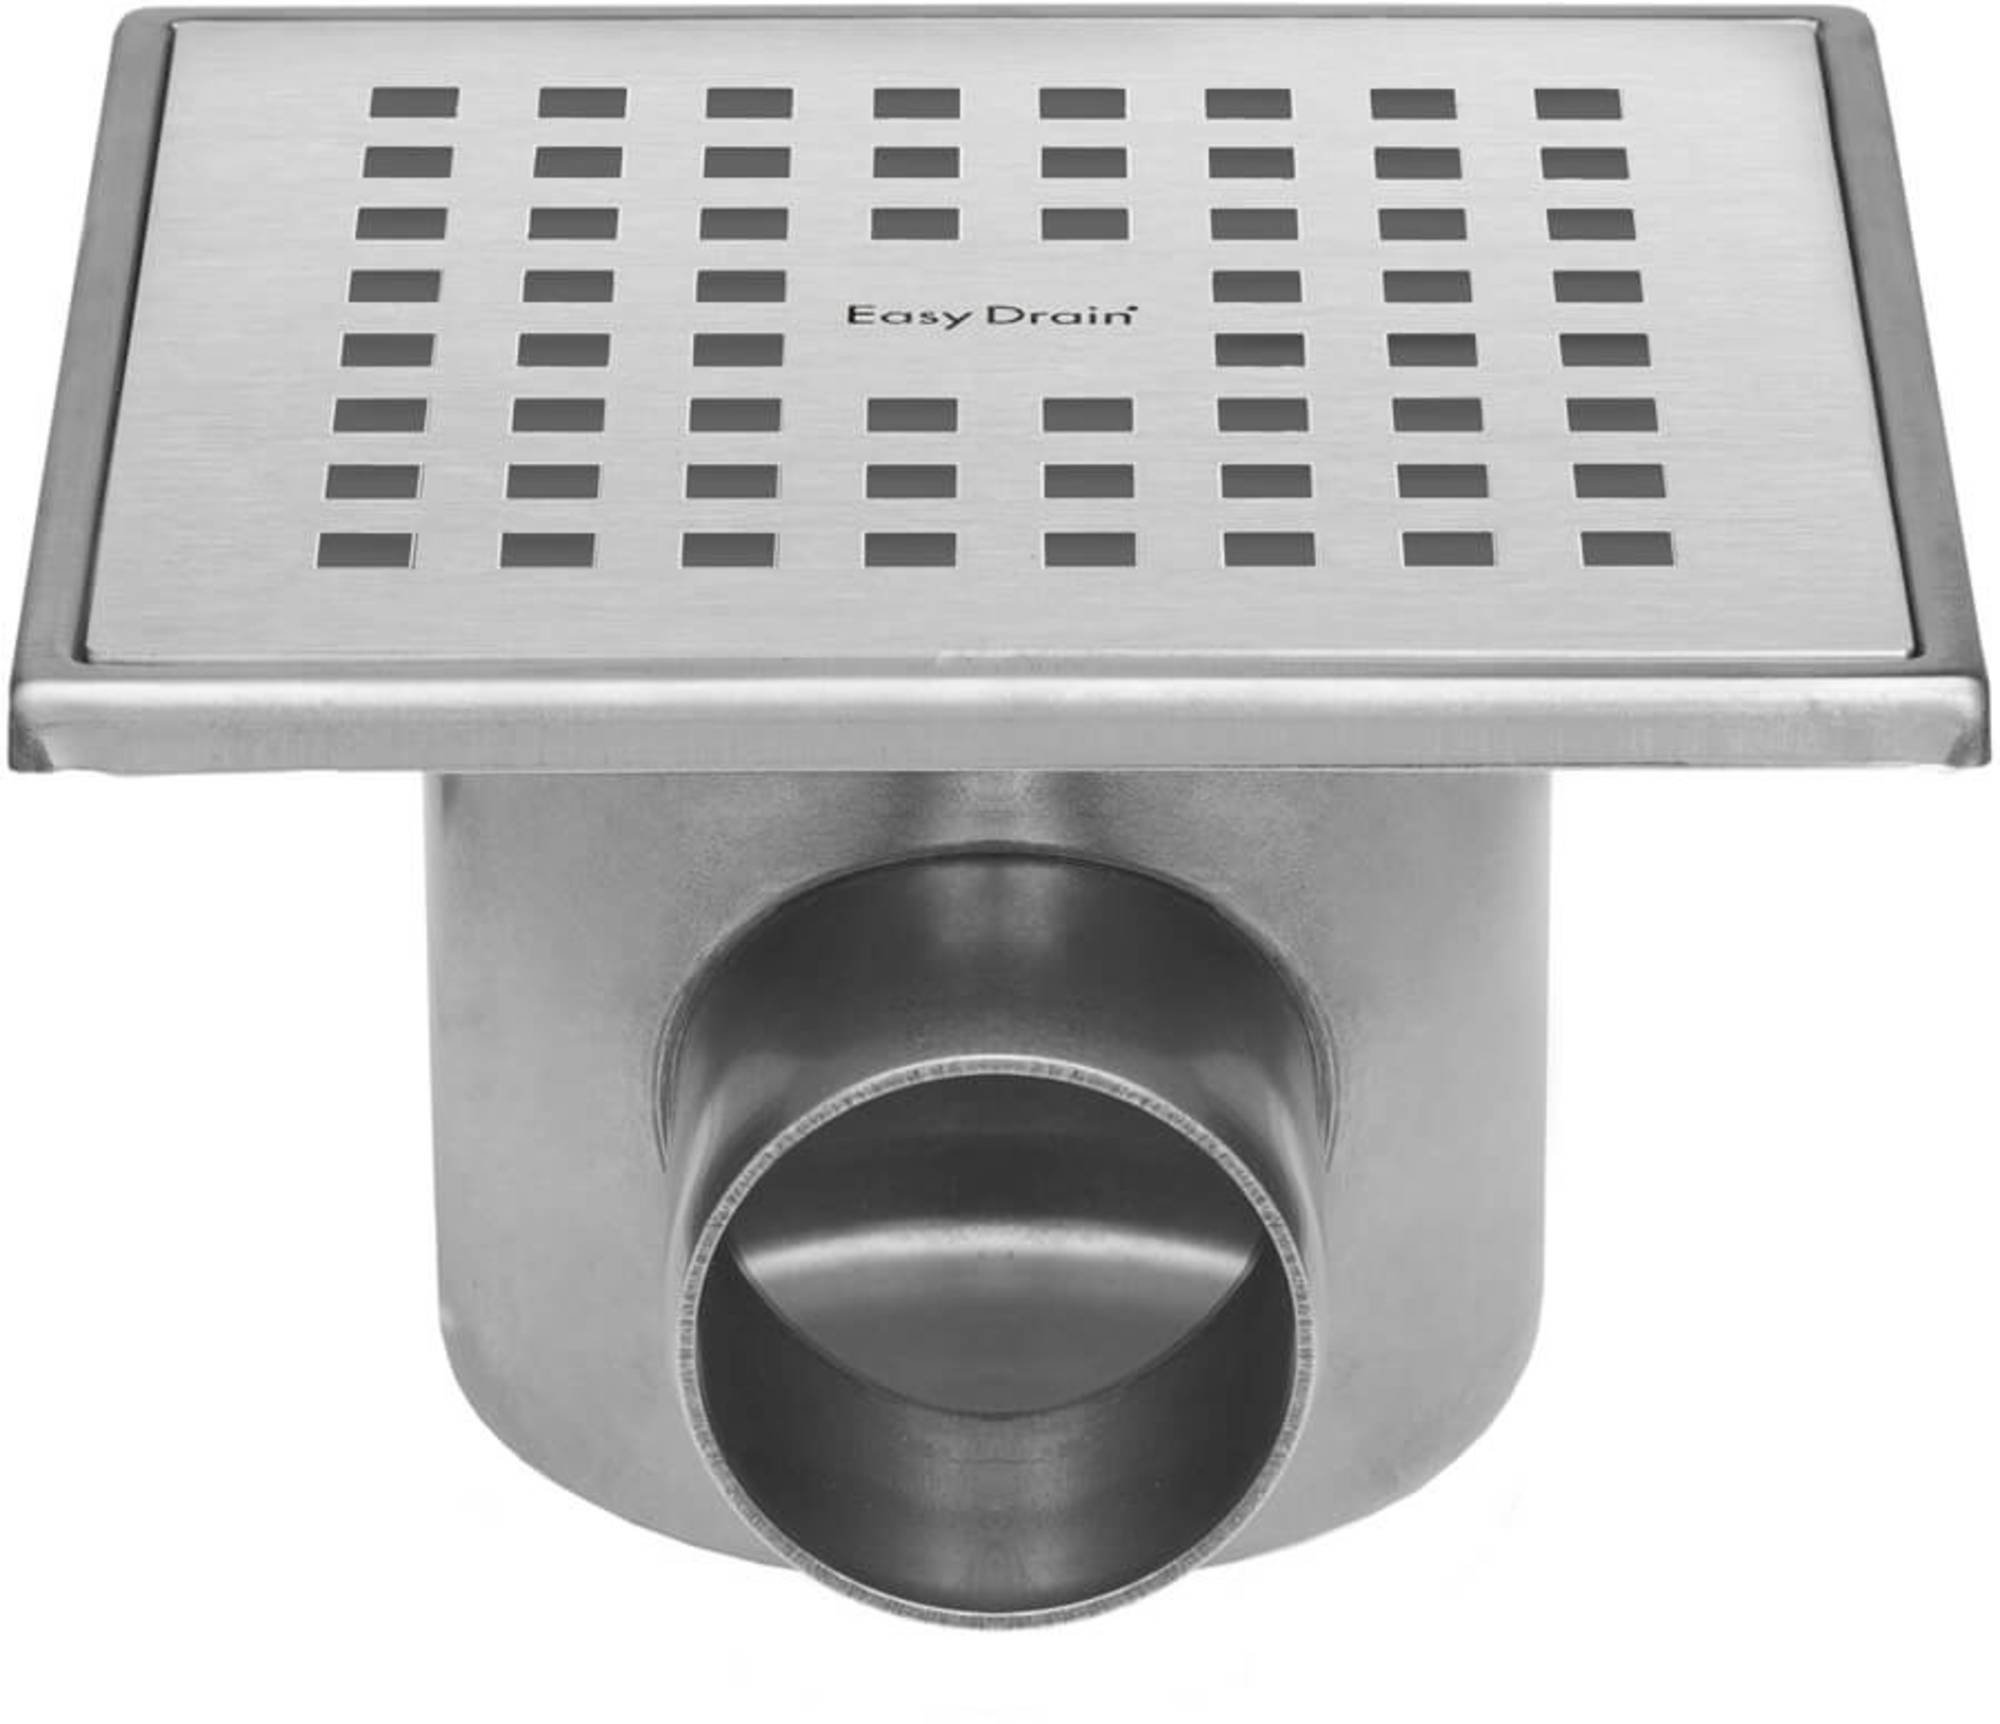 Easydrain Aqua plus quattro vloerput rvs 15x15 cm, horizontaal, rvs